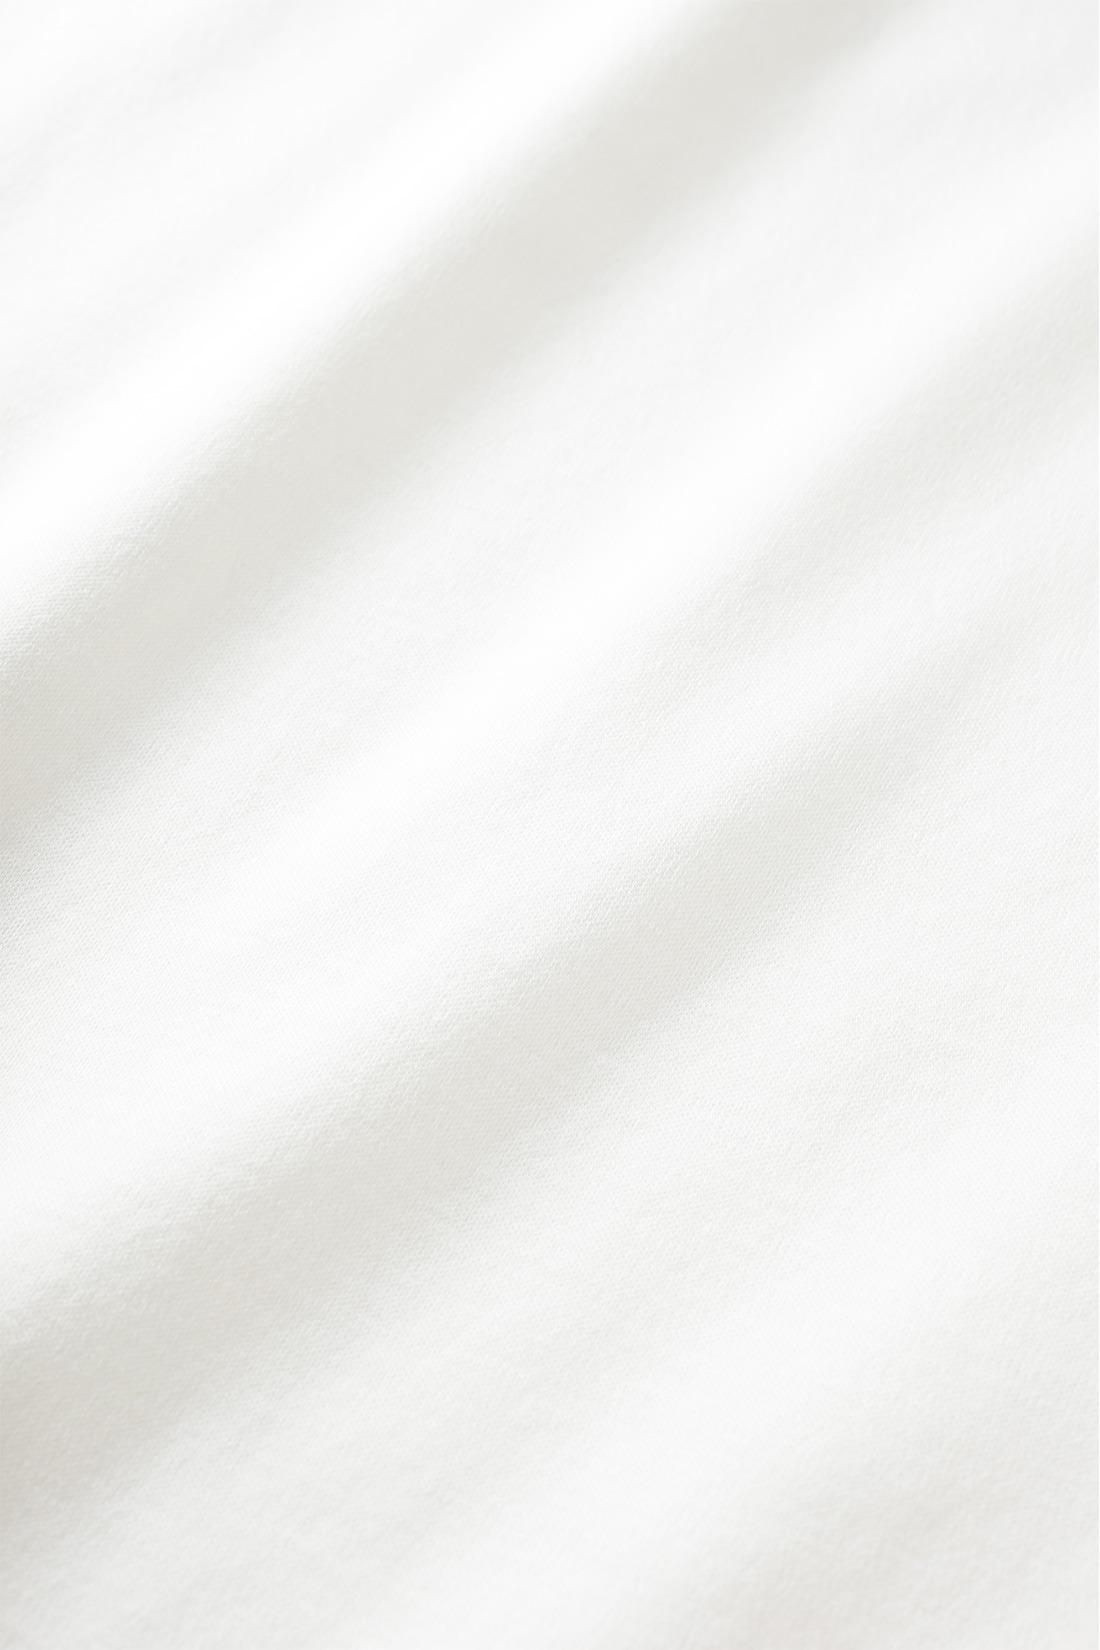 スムースカットソー素材を用いました。滑らかな肌ざわりで着心地よく、しなやかな素材感は見た目にも高級感があります。